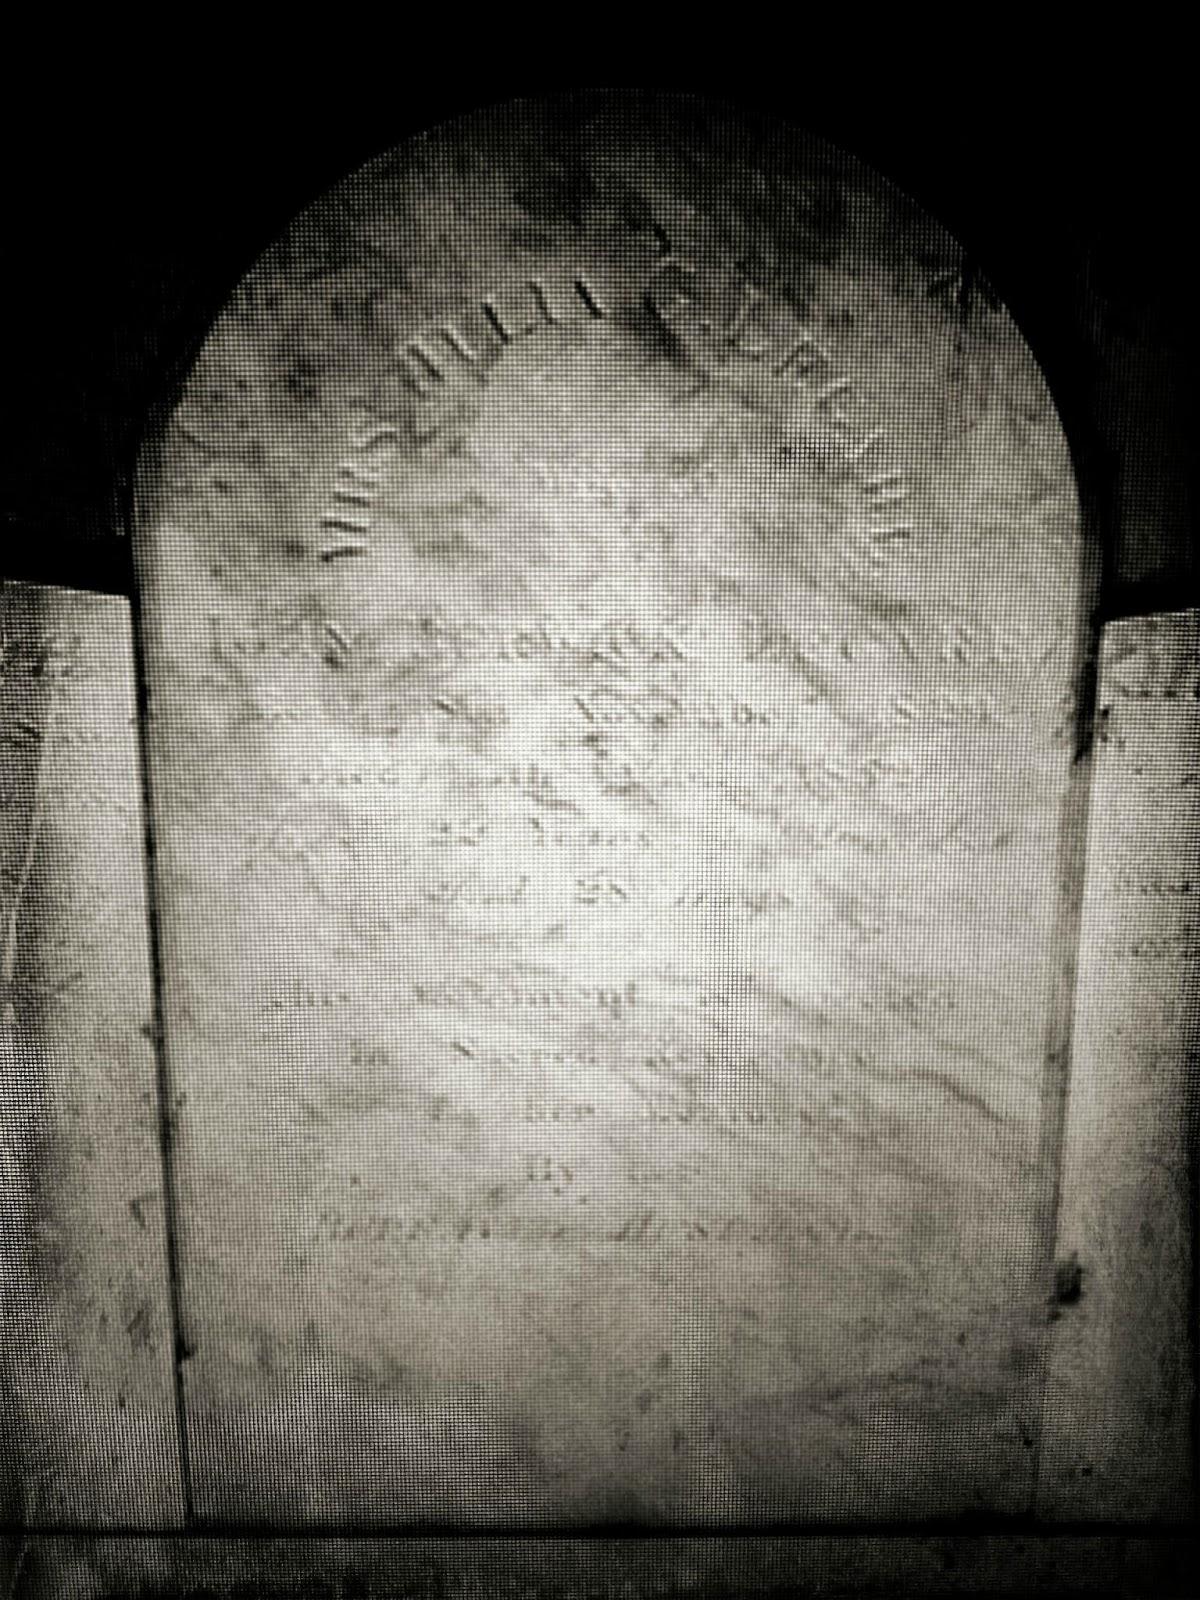 La custode di tombe 205 non chiudete quella porta - Non aprite quella porta completo ...